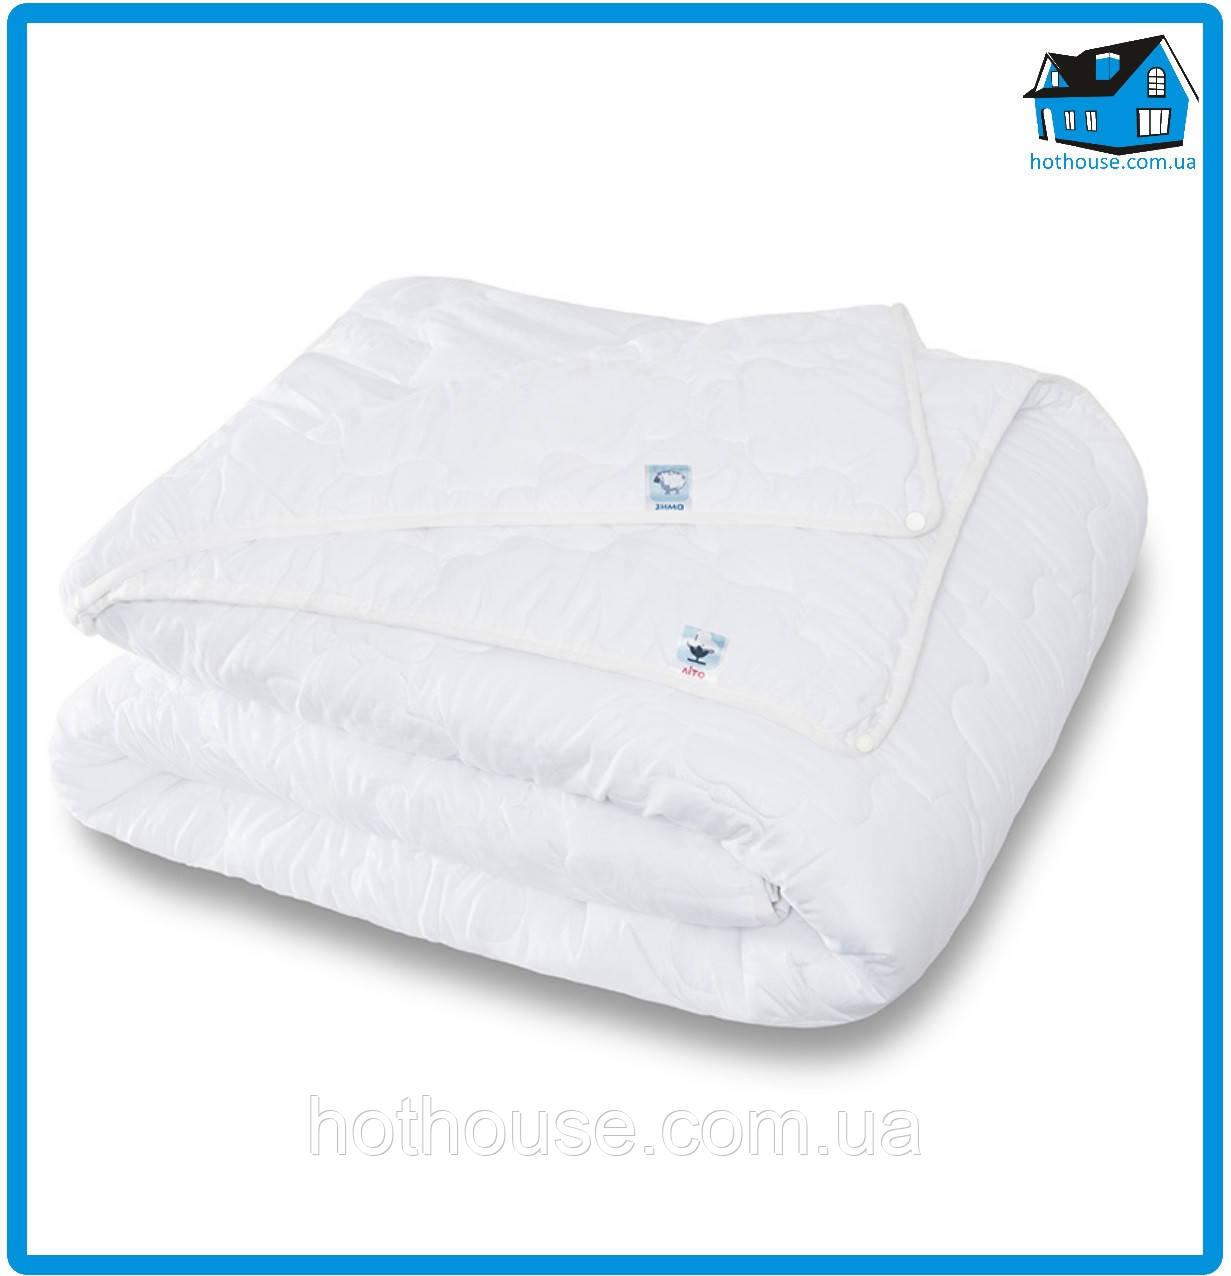 Одеяло микрофибра 4 сезона наполнитель силикон 195x210